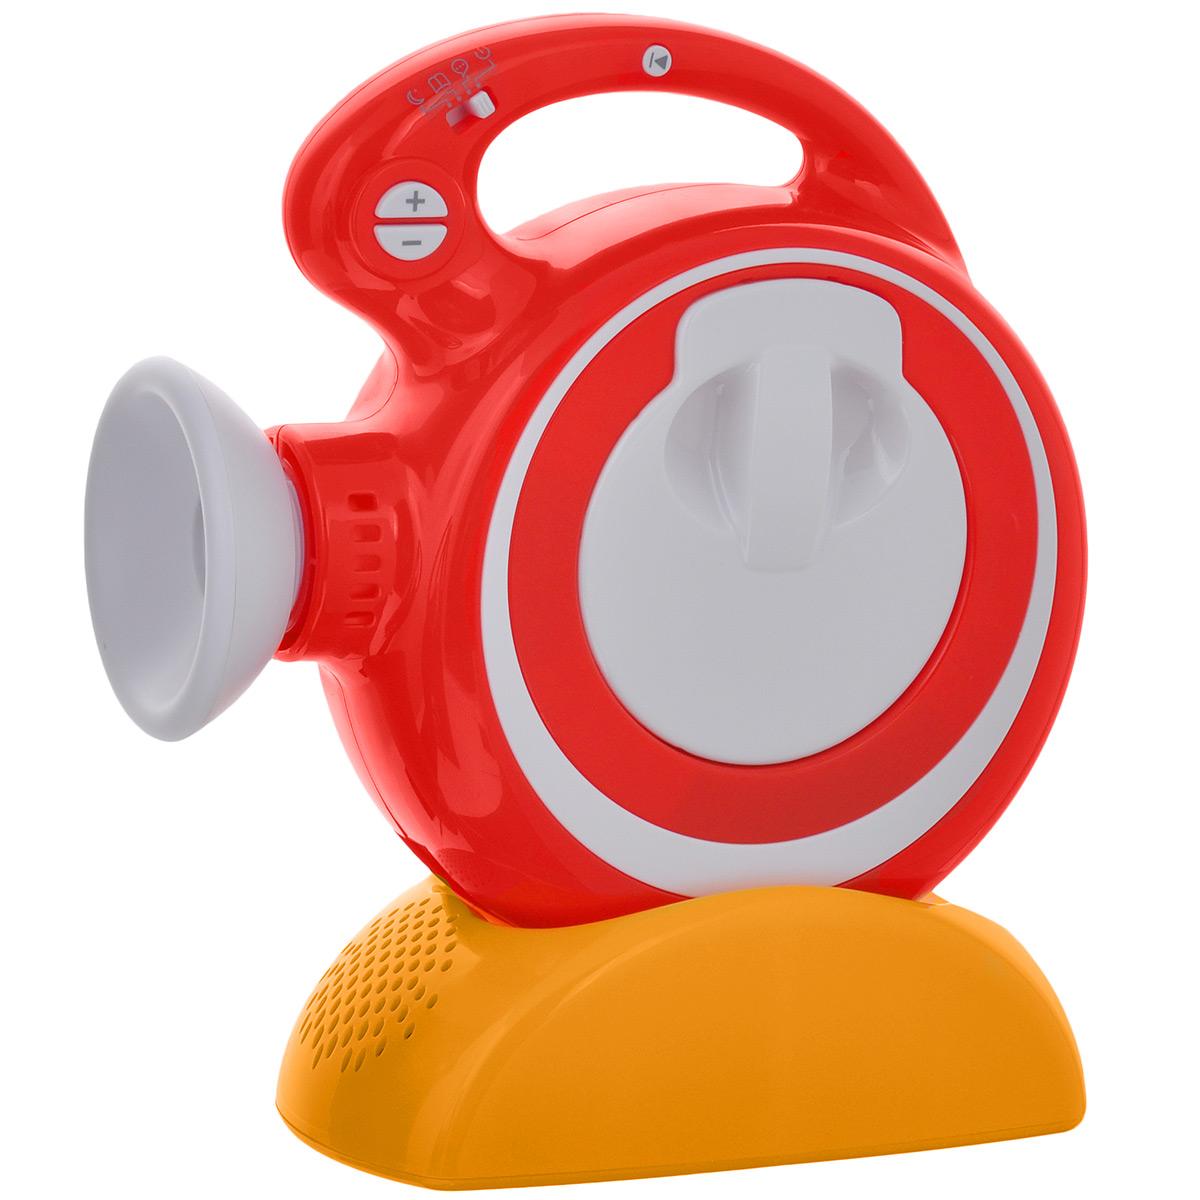 Звуковой диапроектор Светлячок, мини123-СВ-230514-00ПМС помощью диапроектора Светлячок можно не только смотреть сказку, но и слушать ее! Диапроектор выполнен из безопасного пластика красного и белого цветов с желтой отсоединяющейся подставкой и чрезвычайно прост в использовании. Благодаря подставке можно изменять угол наклона устройства. Вставьте в диапроектор картридж с диафильмом, направьте устройство на стену или потолок и наслаждайтесь любимыми историями! Диапроектор оборудован регулятором резкости изображения и имеет три режима воспроизведения: автоматический, ручной и ручной без звука. Комплект включает в себя диапроектор с подставкой и инструкцию по эксплуатации на русском языке. Диафильмы способствуют развитию у детей речи, воображения, образного мышления, памяти, воспитывают интерес к чтению, создают семейную атмосферу. Фильм и книга в комплект не входят, приобретаются отдельно. Необходимо докупить 7 батареек типа АА (не входят в комплект).